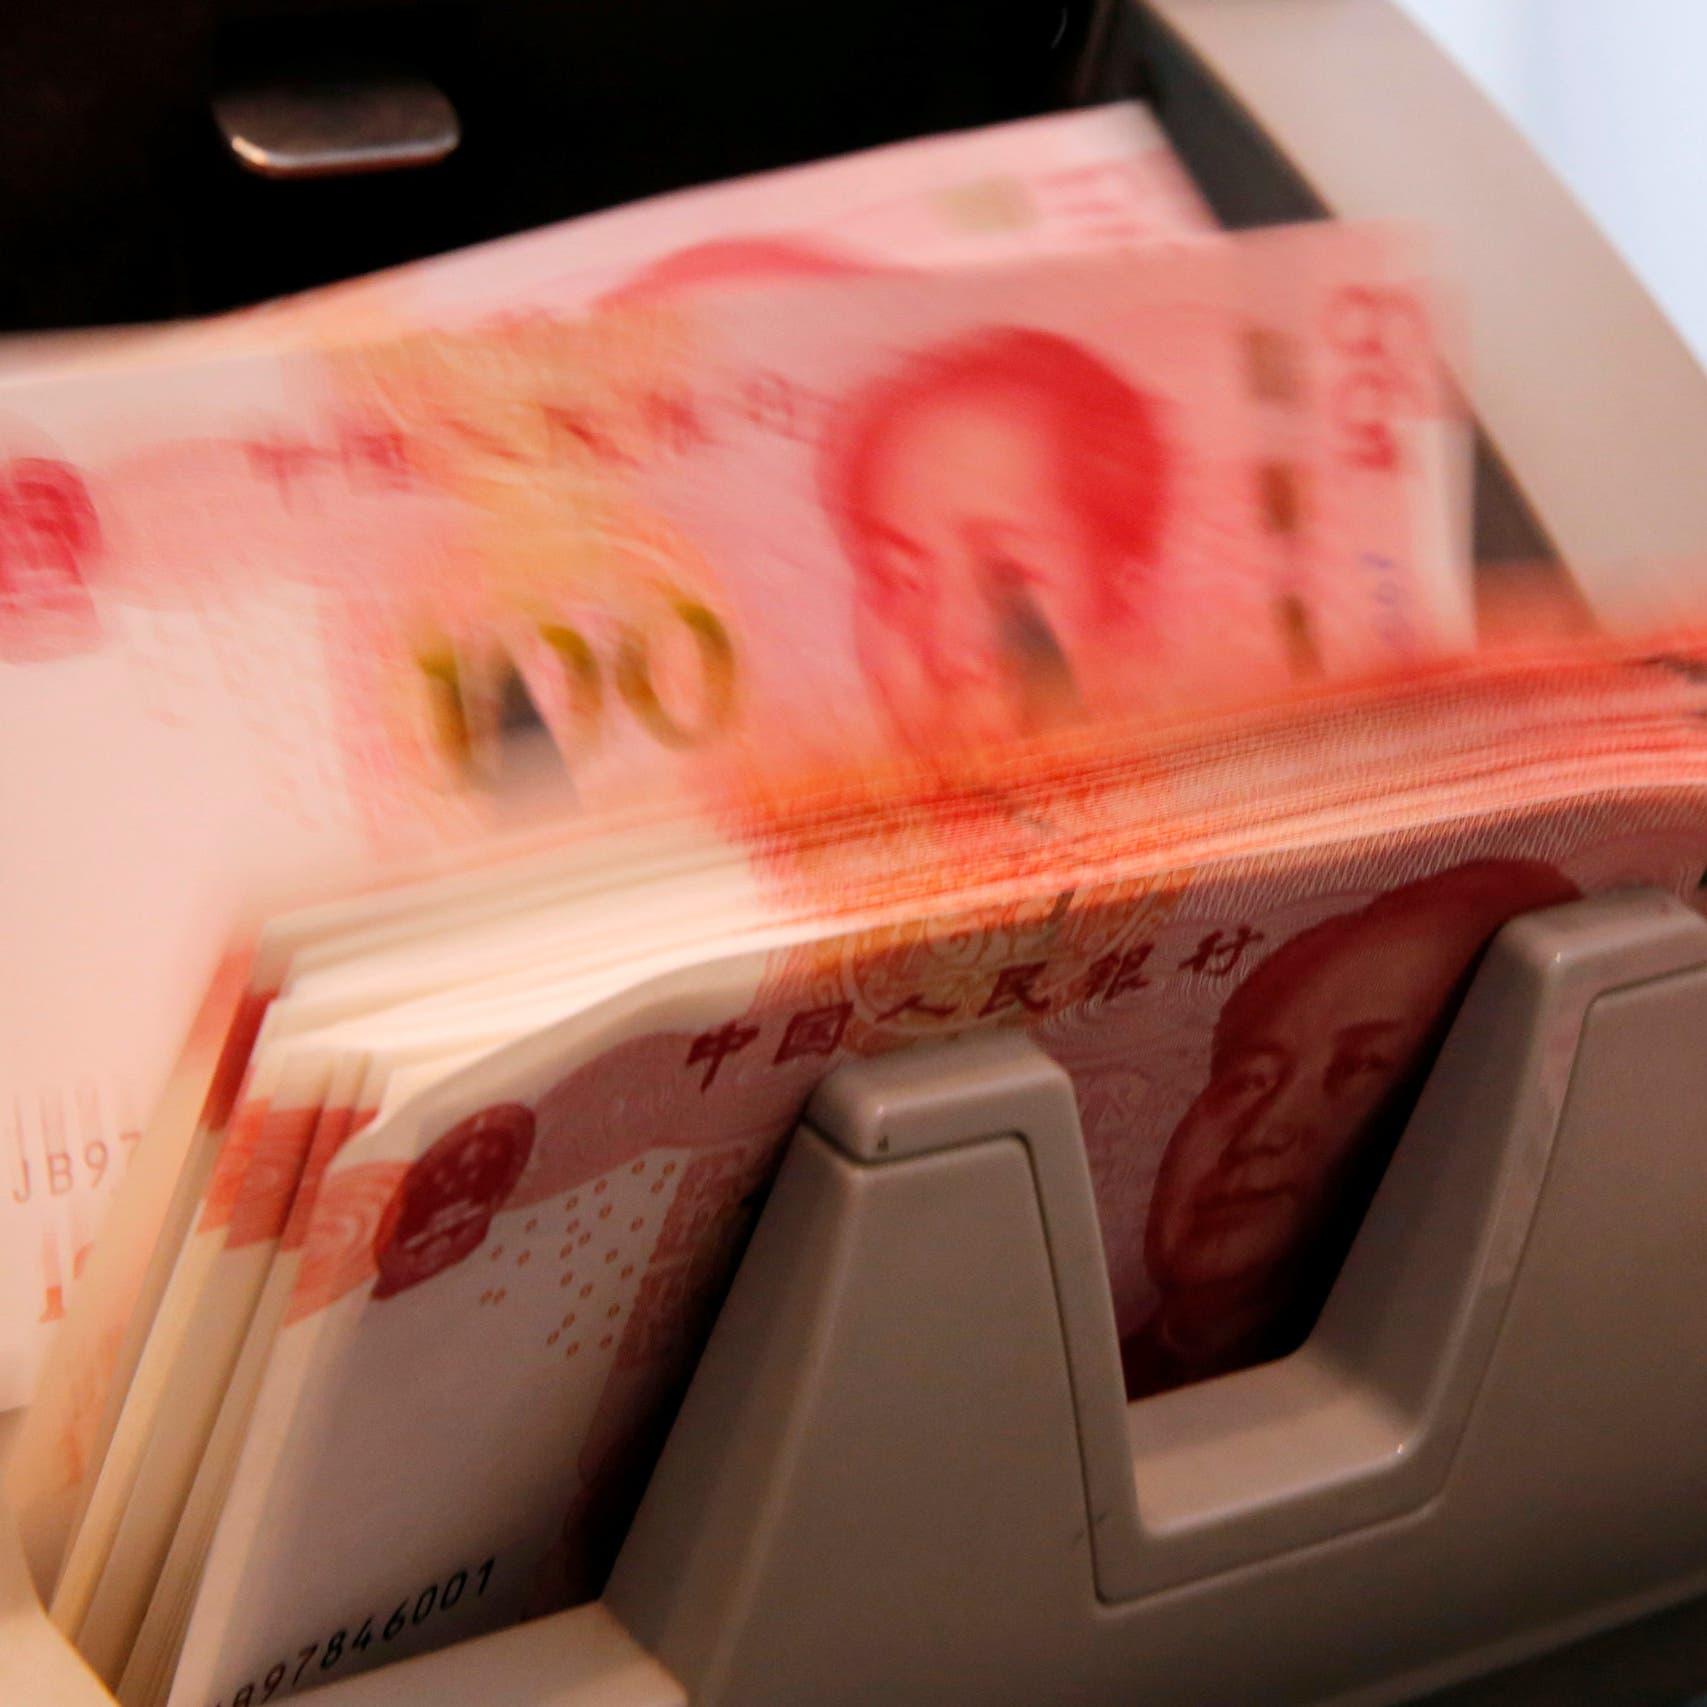 الصين تشن حملة جديدة على قطاع بحجم تريليوني دولار